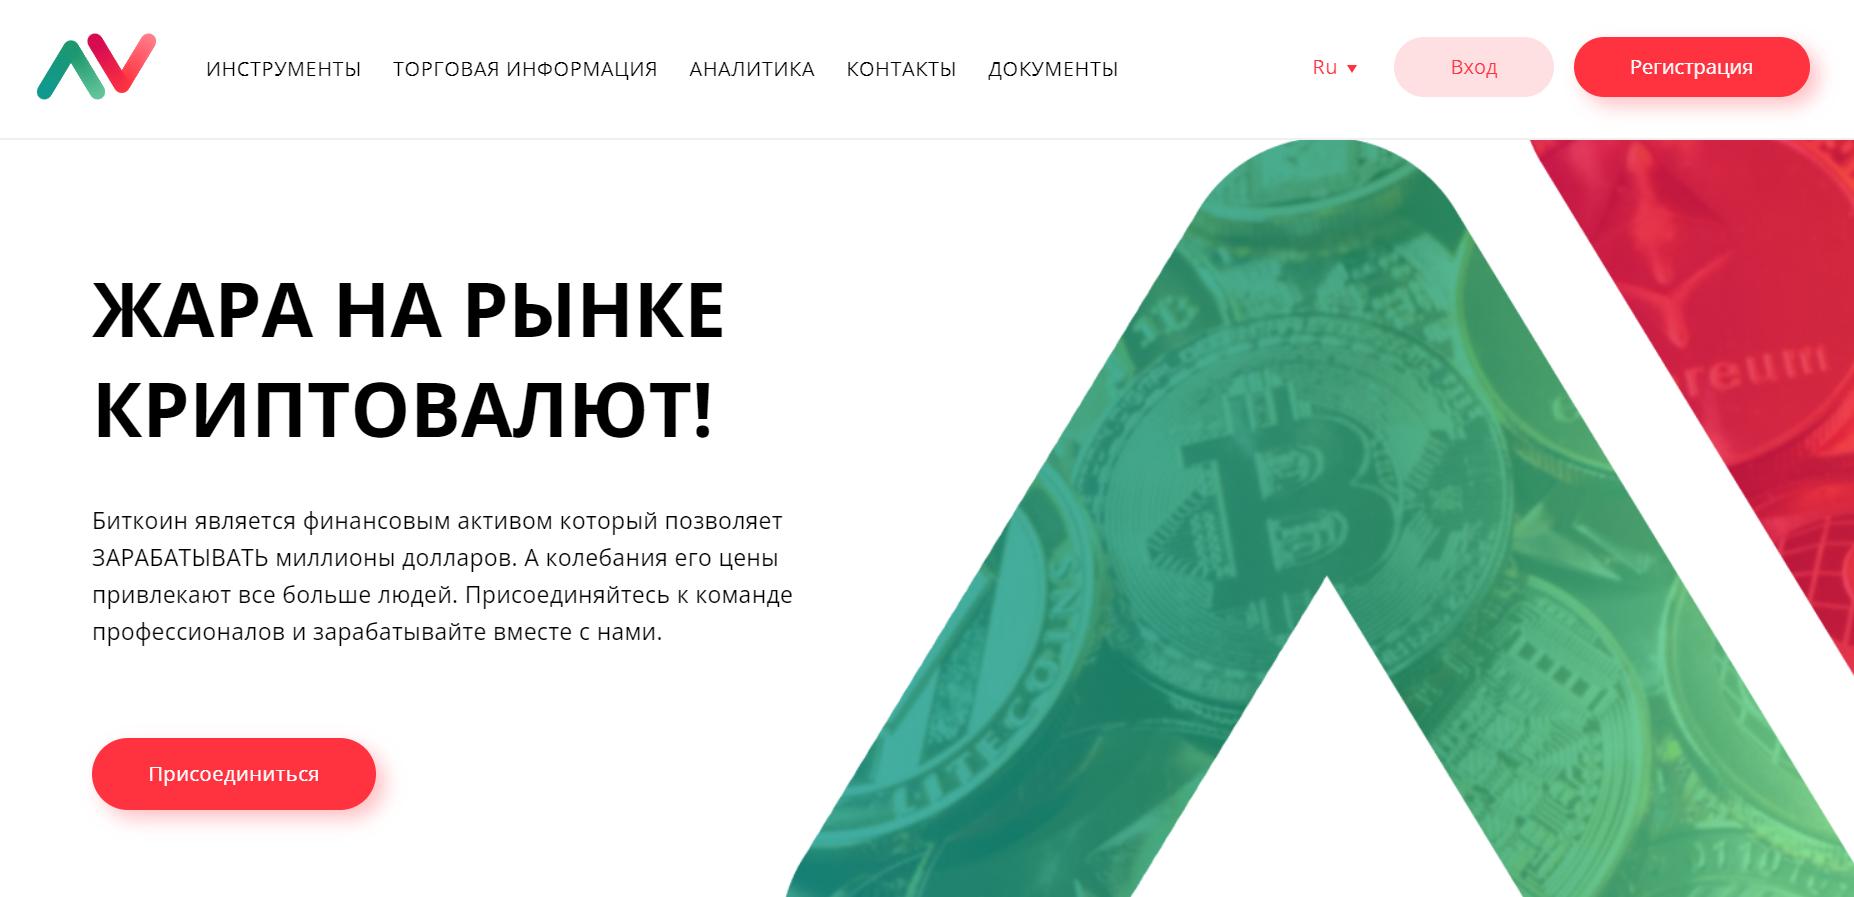 Отзывы о Forex.msk.ru: проверка документов —  Обман? реальные отзывы